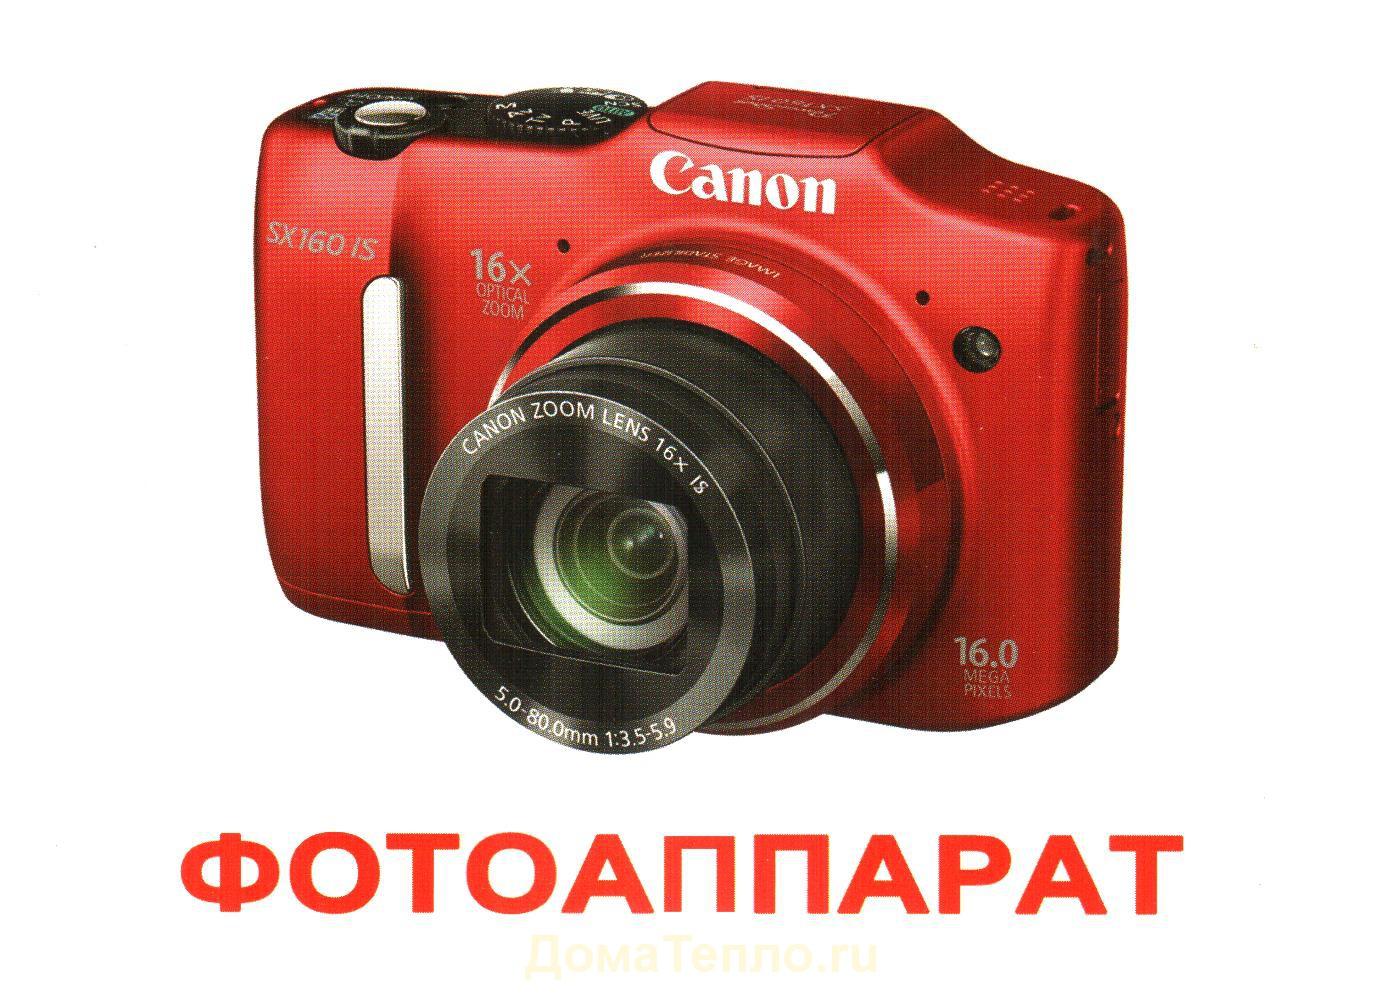 Бытовая техника и электроника (карточки домана) - иркутская городская детская поликлиника №5